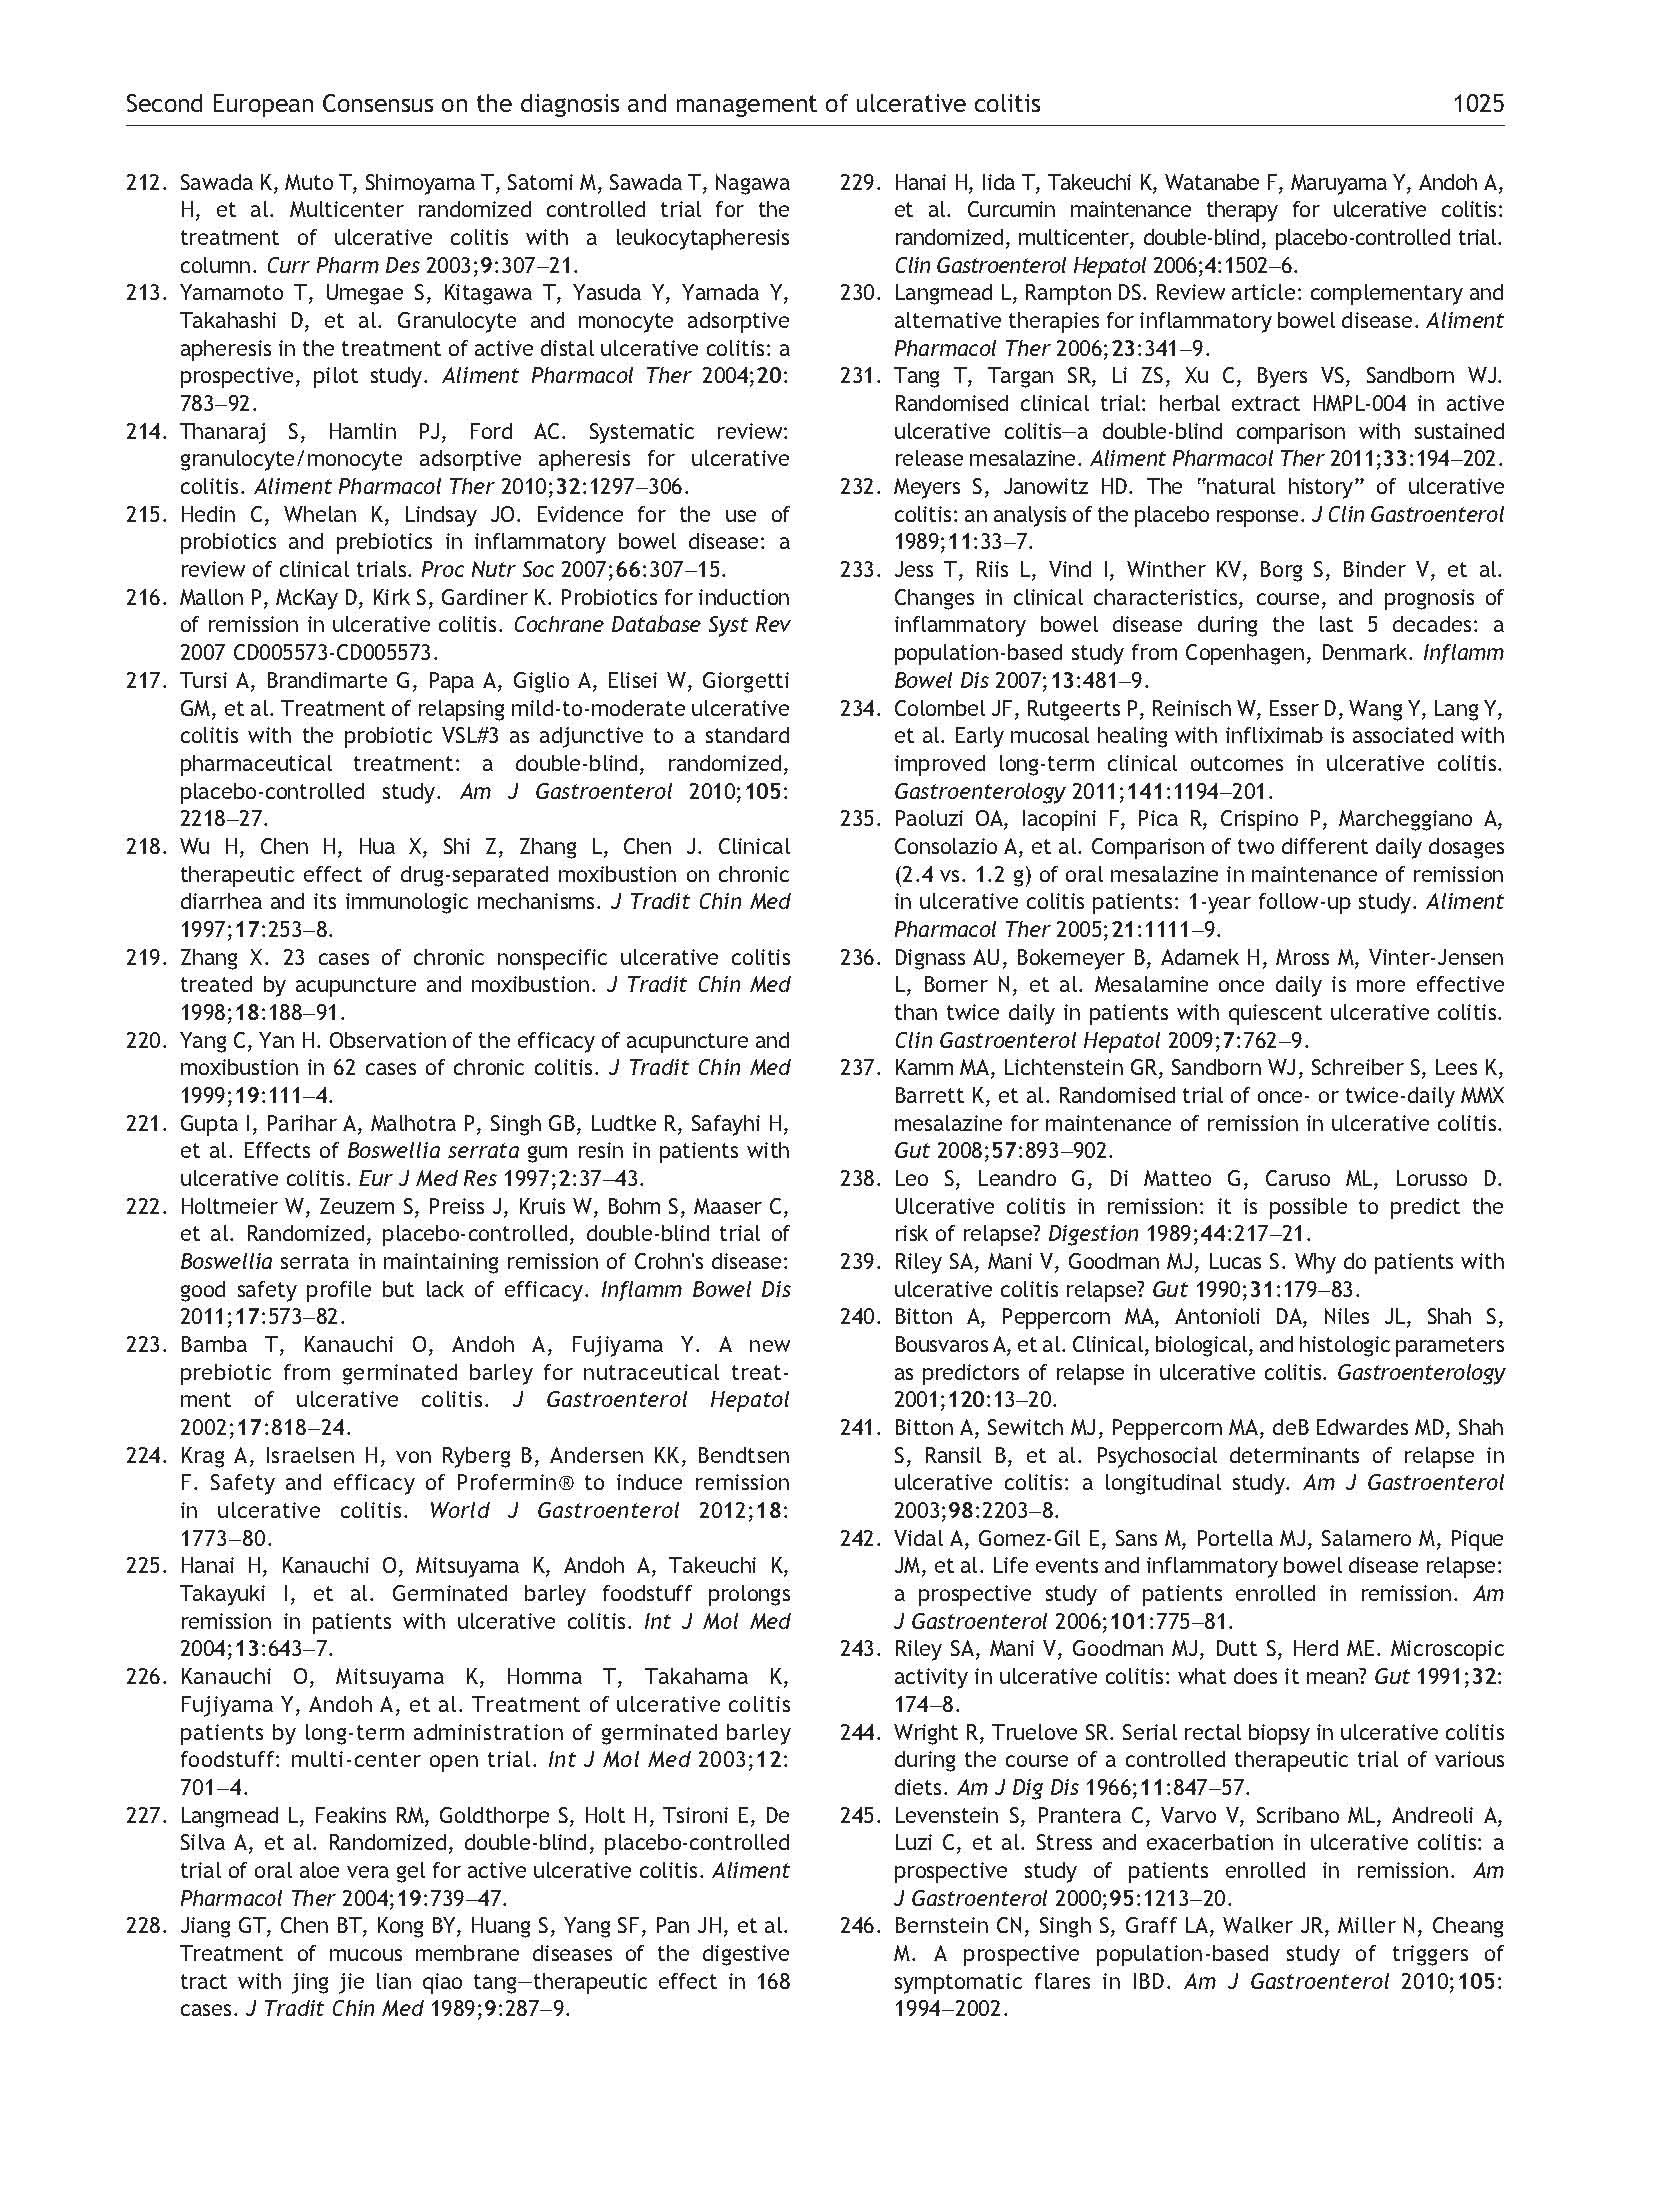 2012-ECCO第二版-欧洲询证共识:溃疡性结肠炎的诊断和处理—日常处理_页面_35.jpg